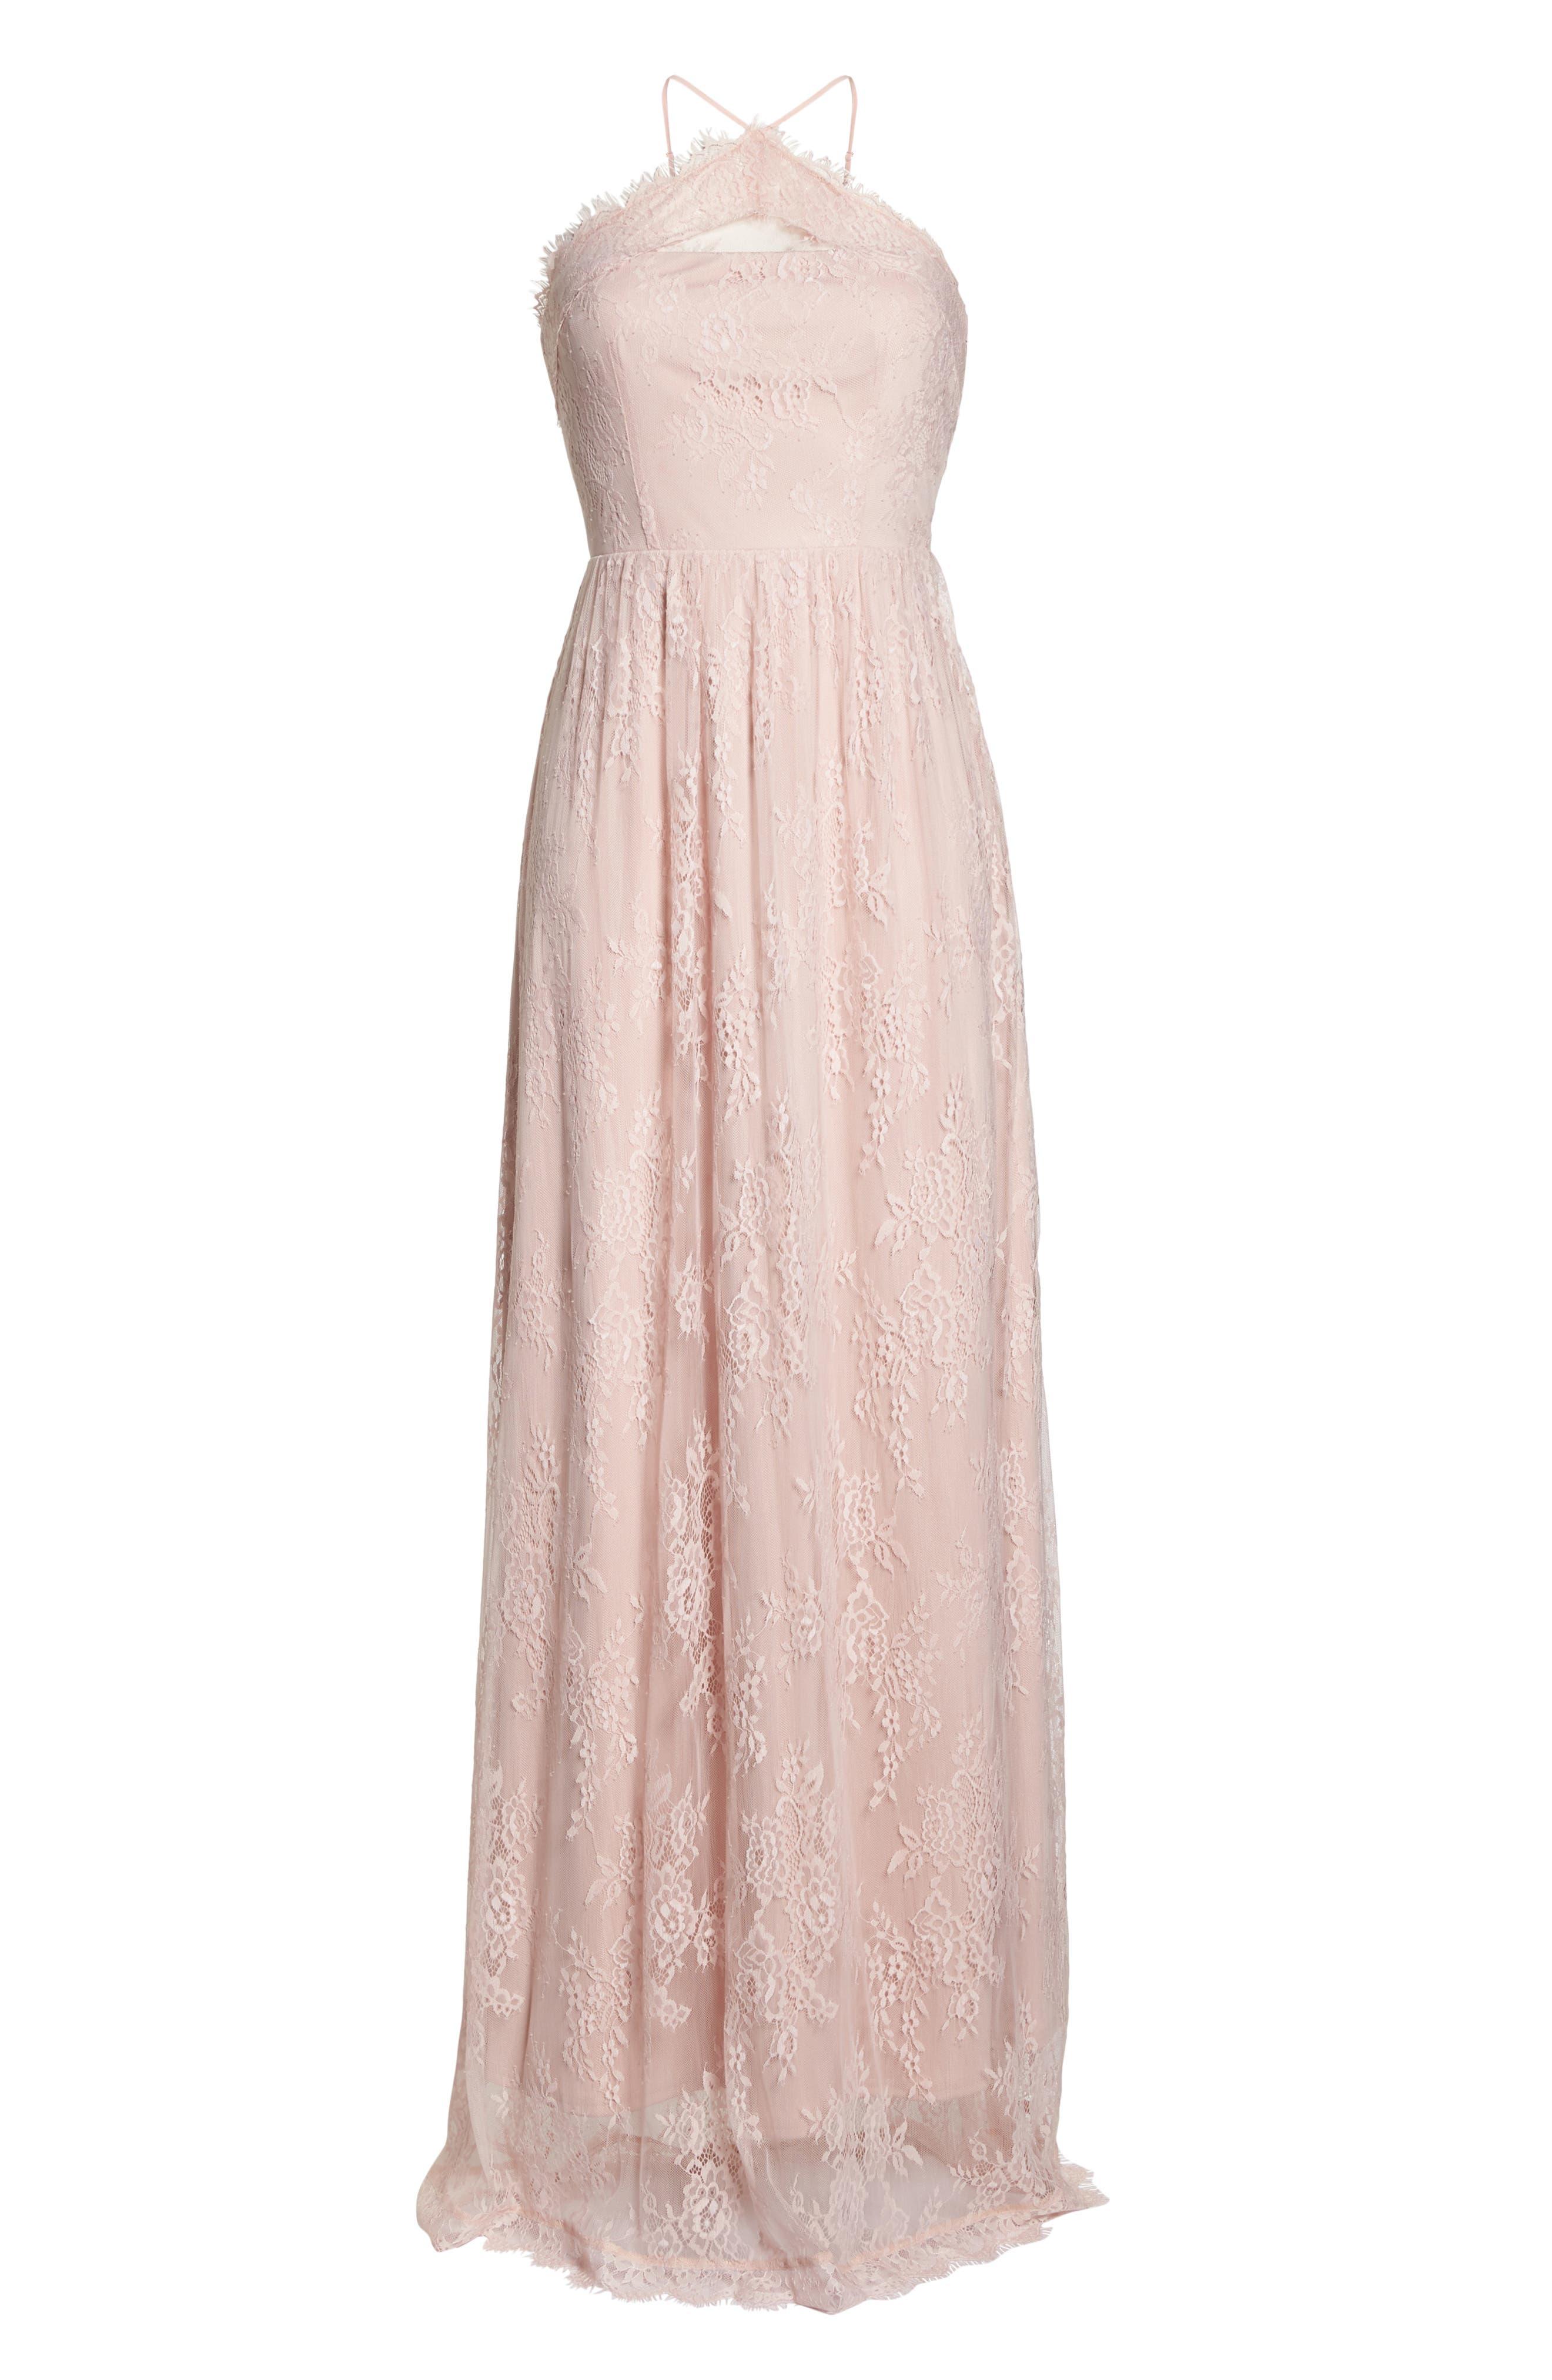 Eloise Halter Neck Lace Gown,                             Alternate thumbnail 6, color,                             Rose Quartz